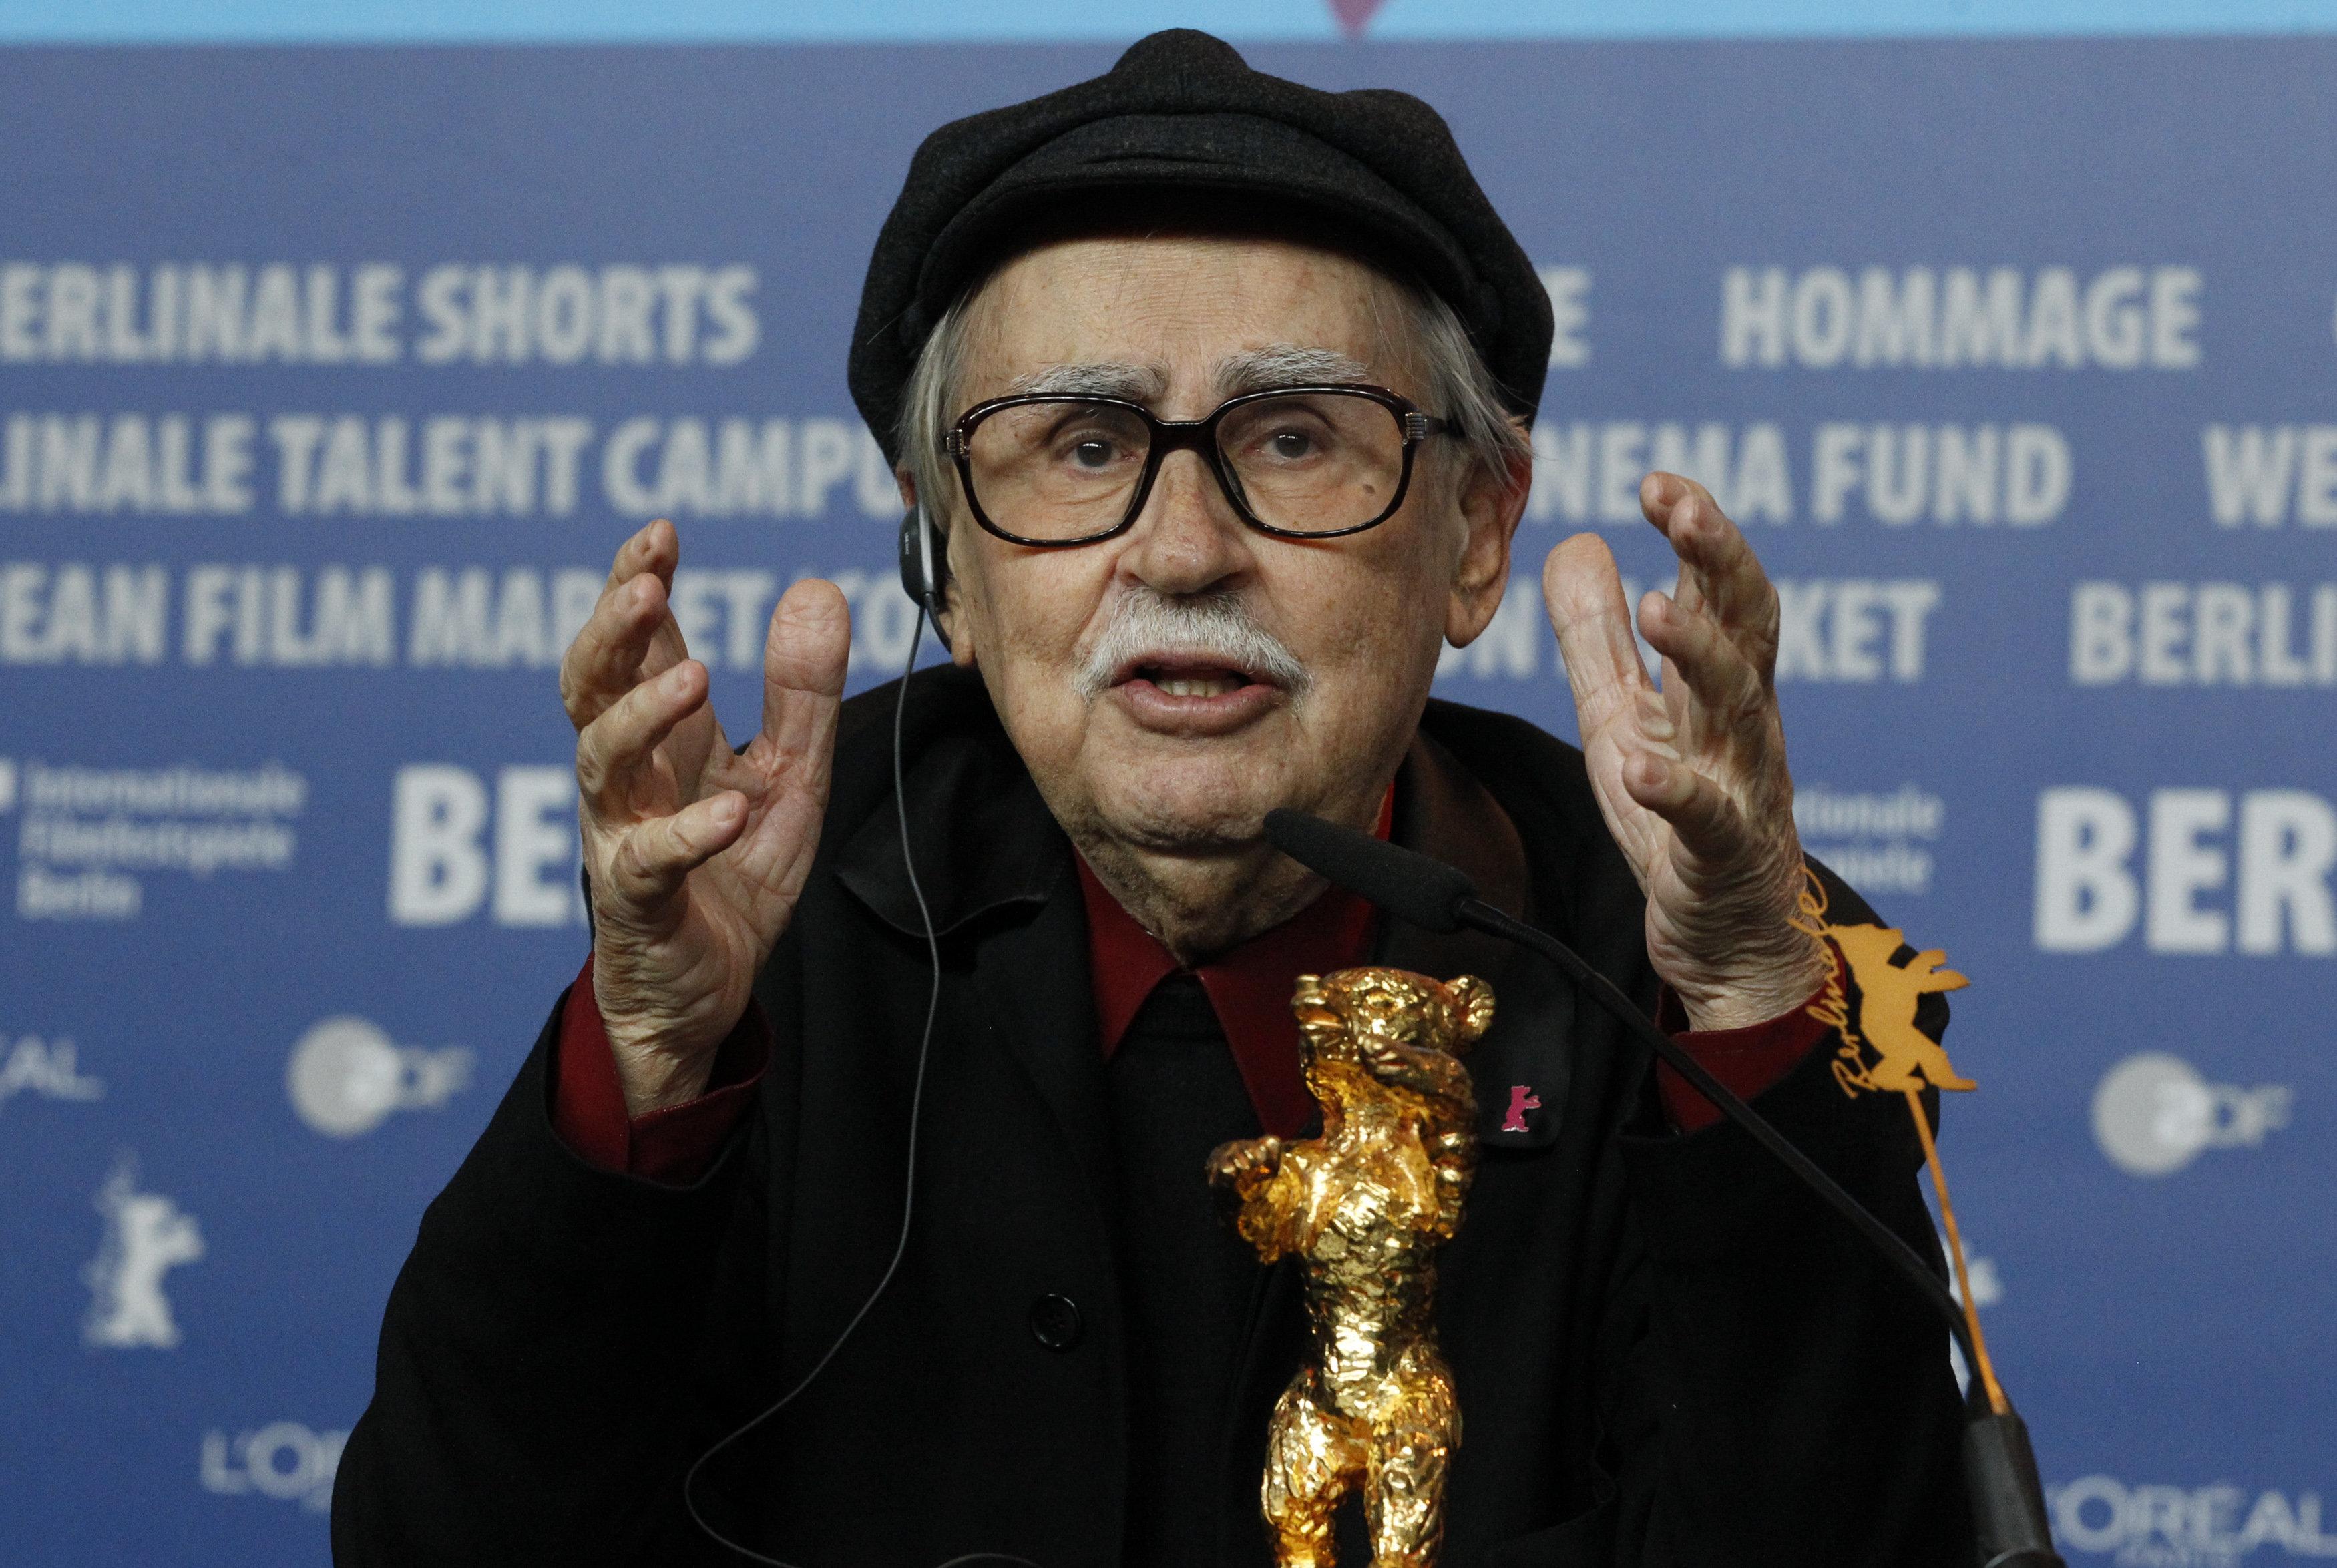 Πέθανε ο θρυλικός ιταλός σκηνοθέτης Vittorio Taviani σε ηλικία 88